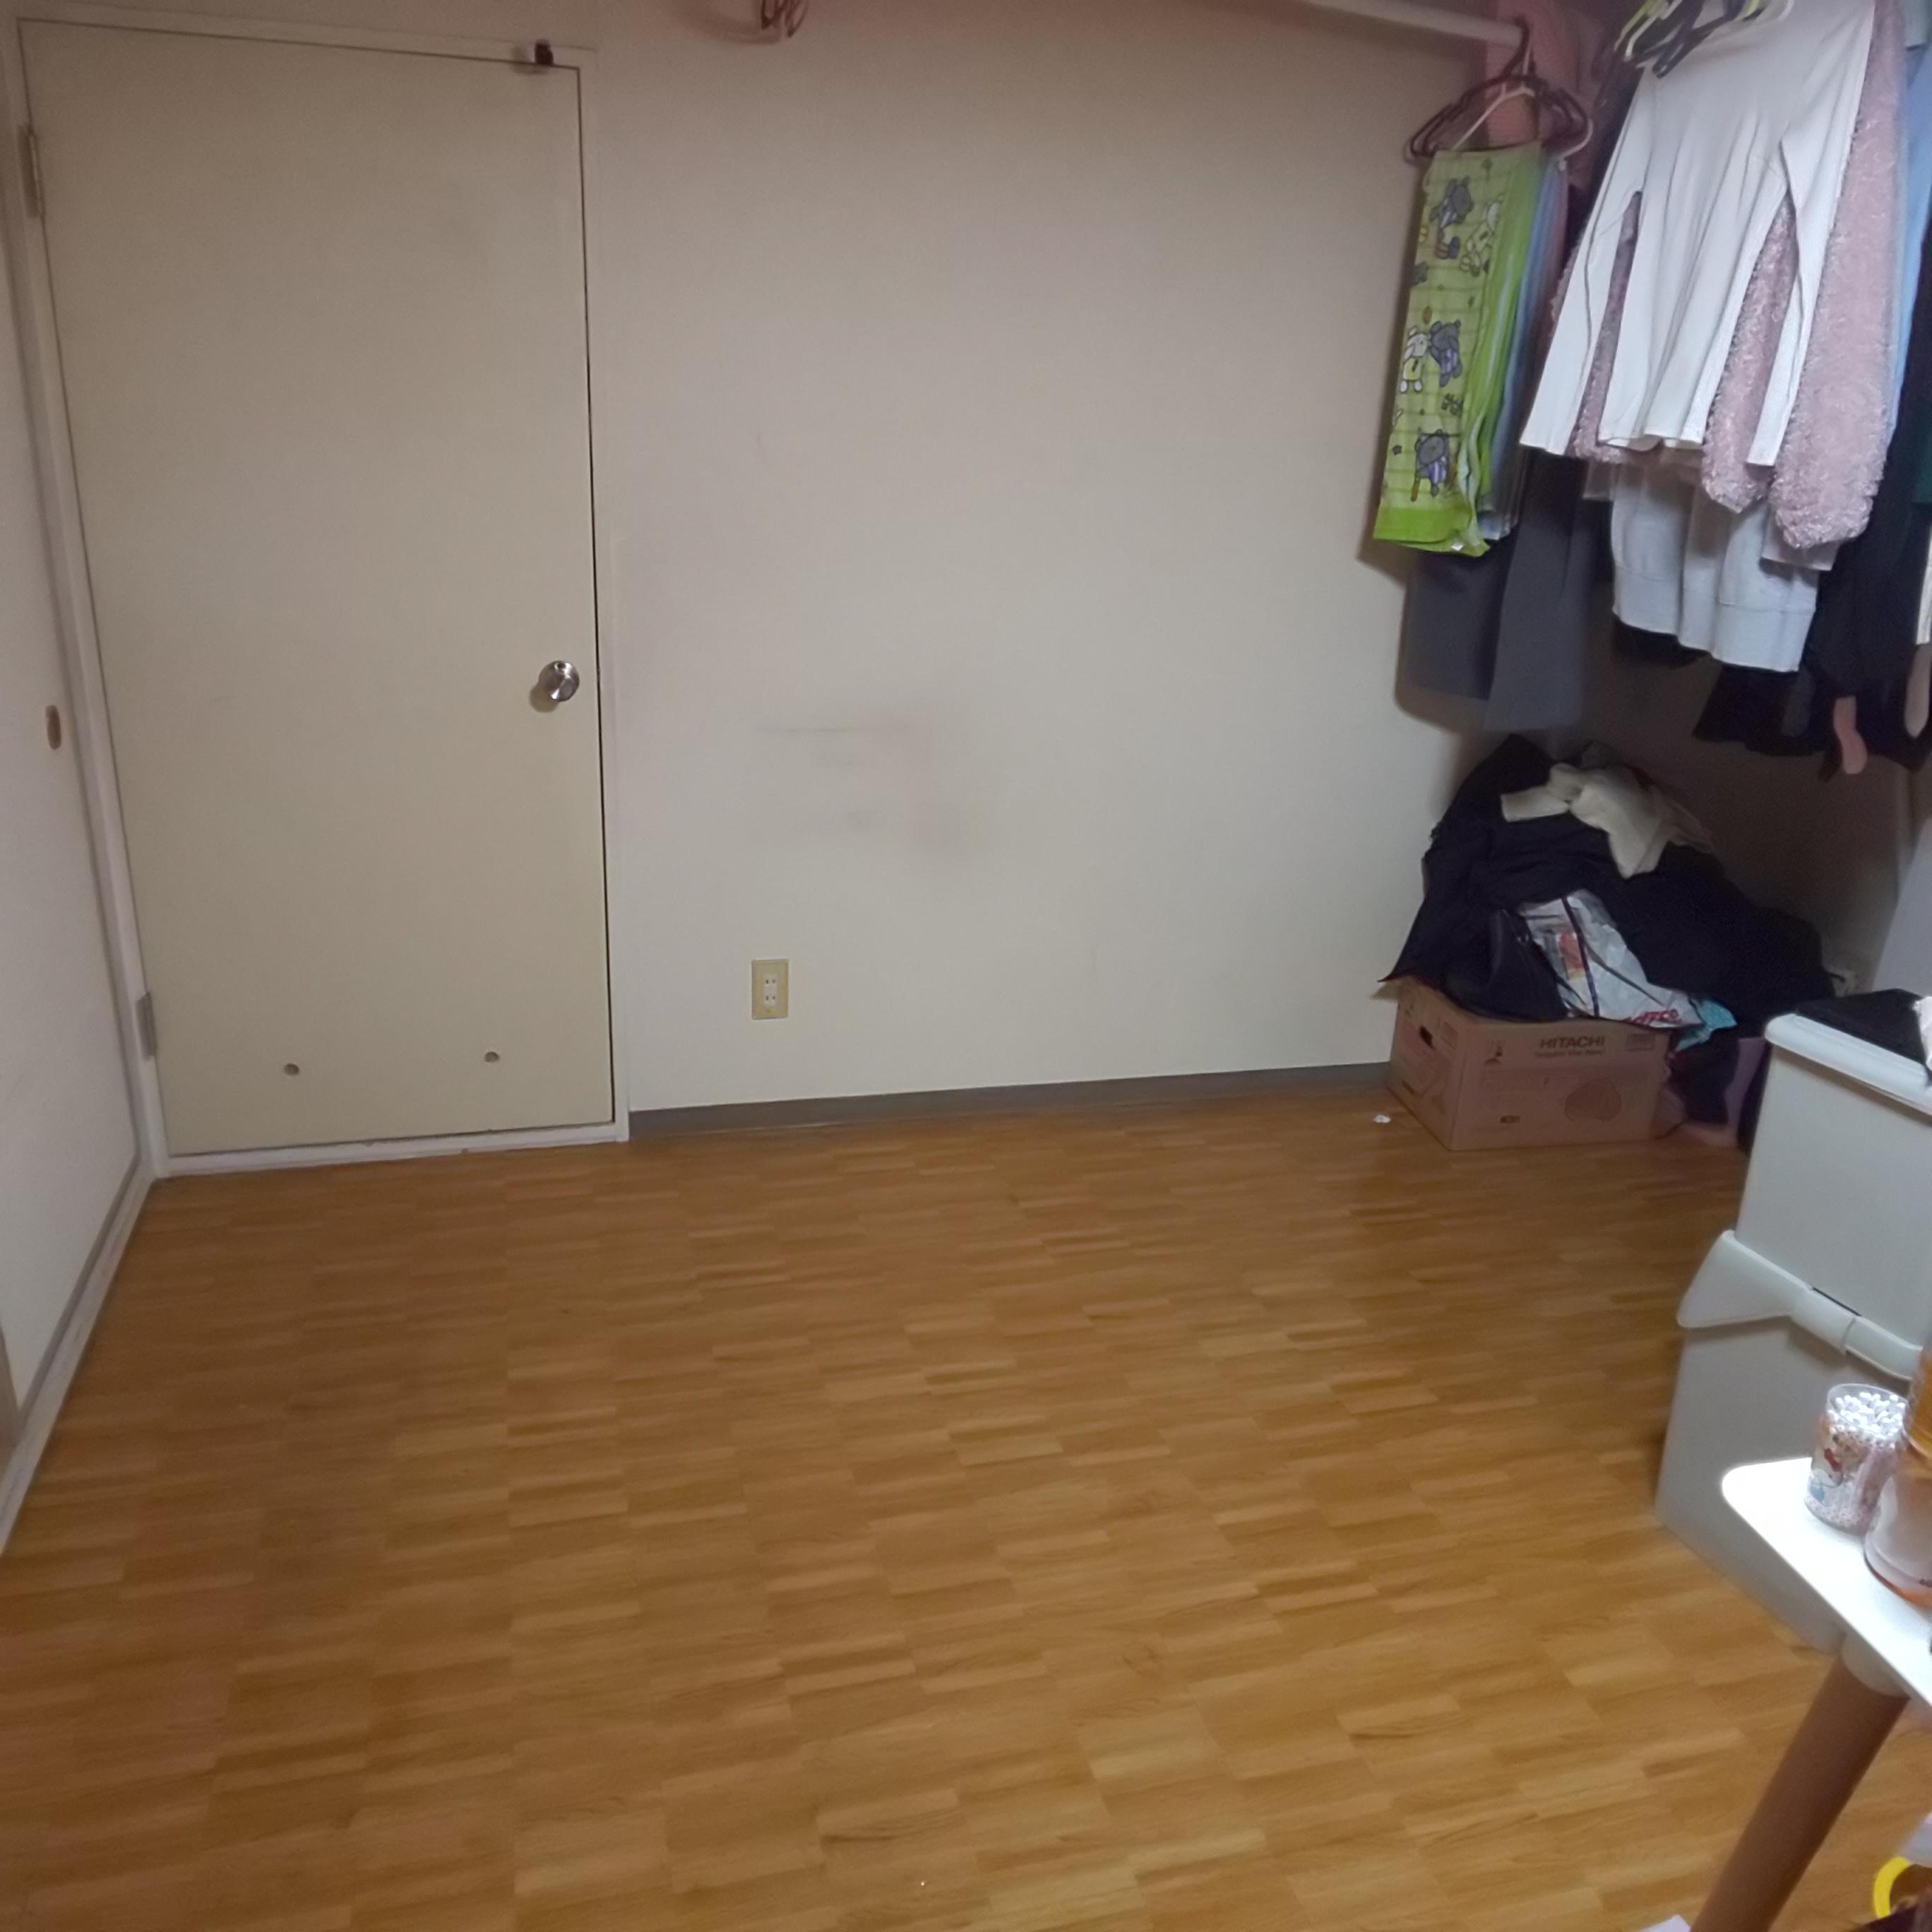 札幌市東区で学習机の回収 施工事例紹介